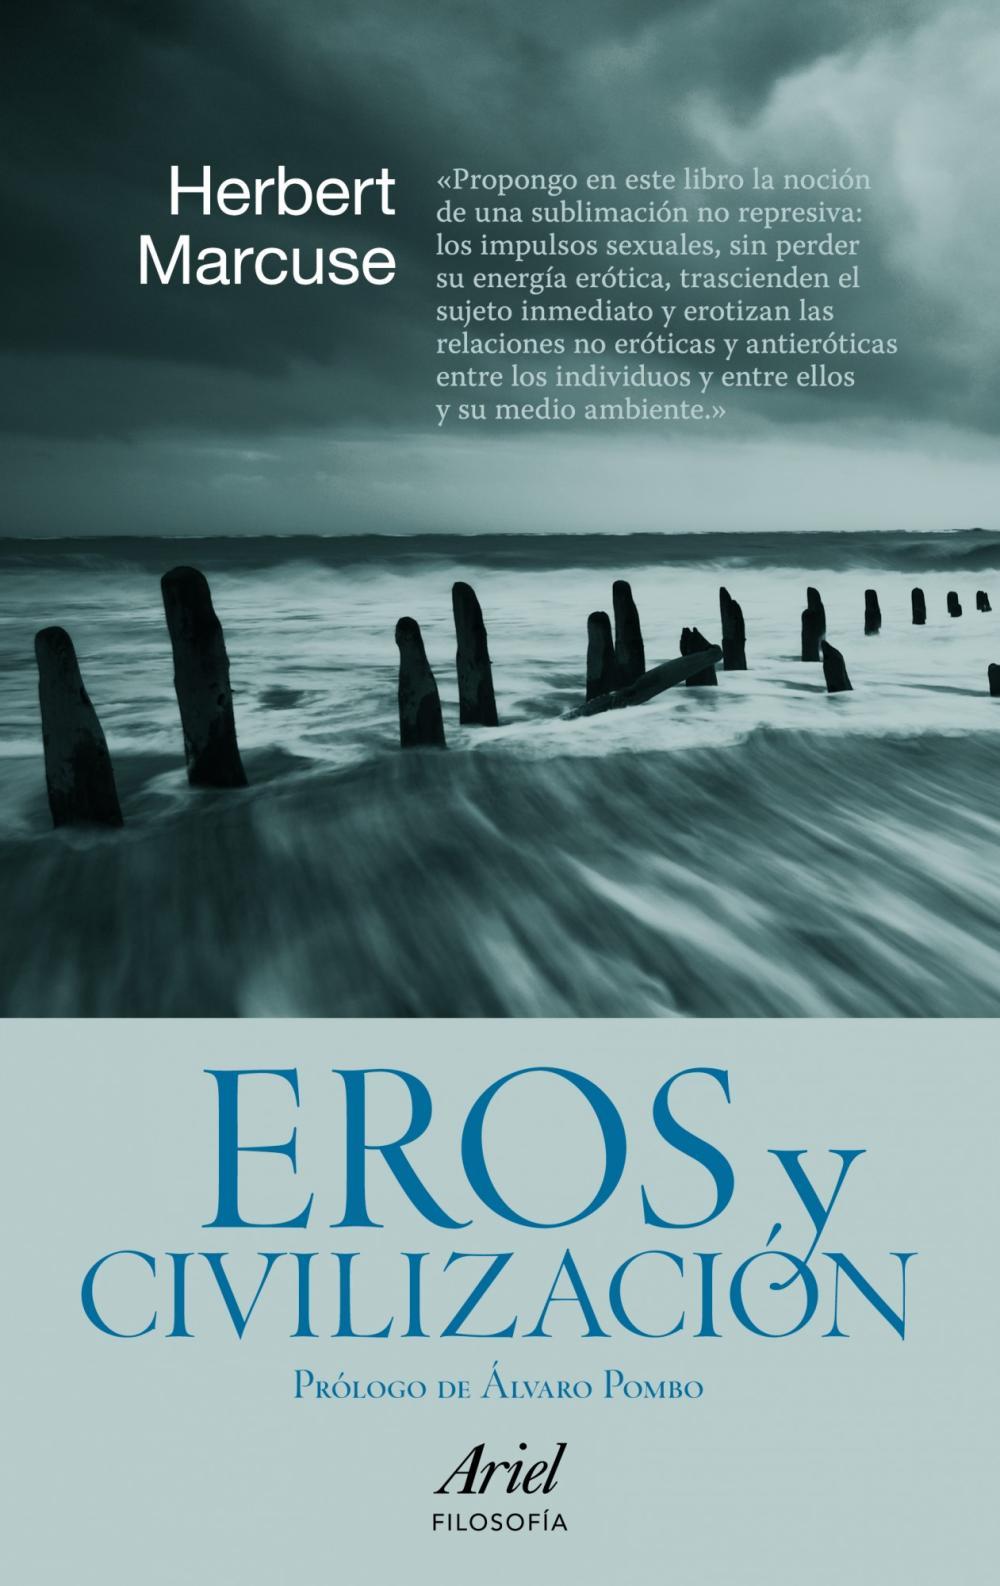 Eros y civilización